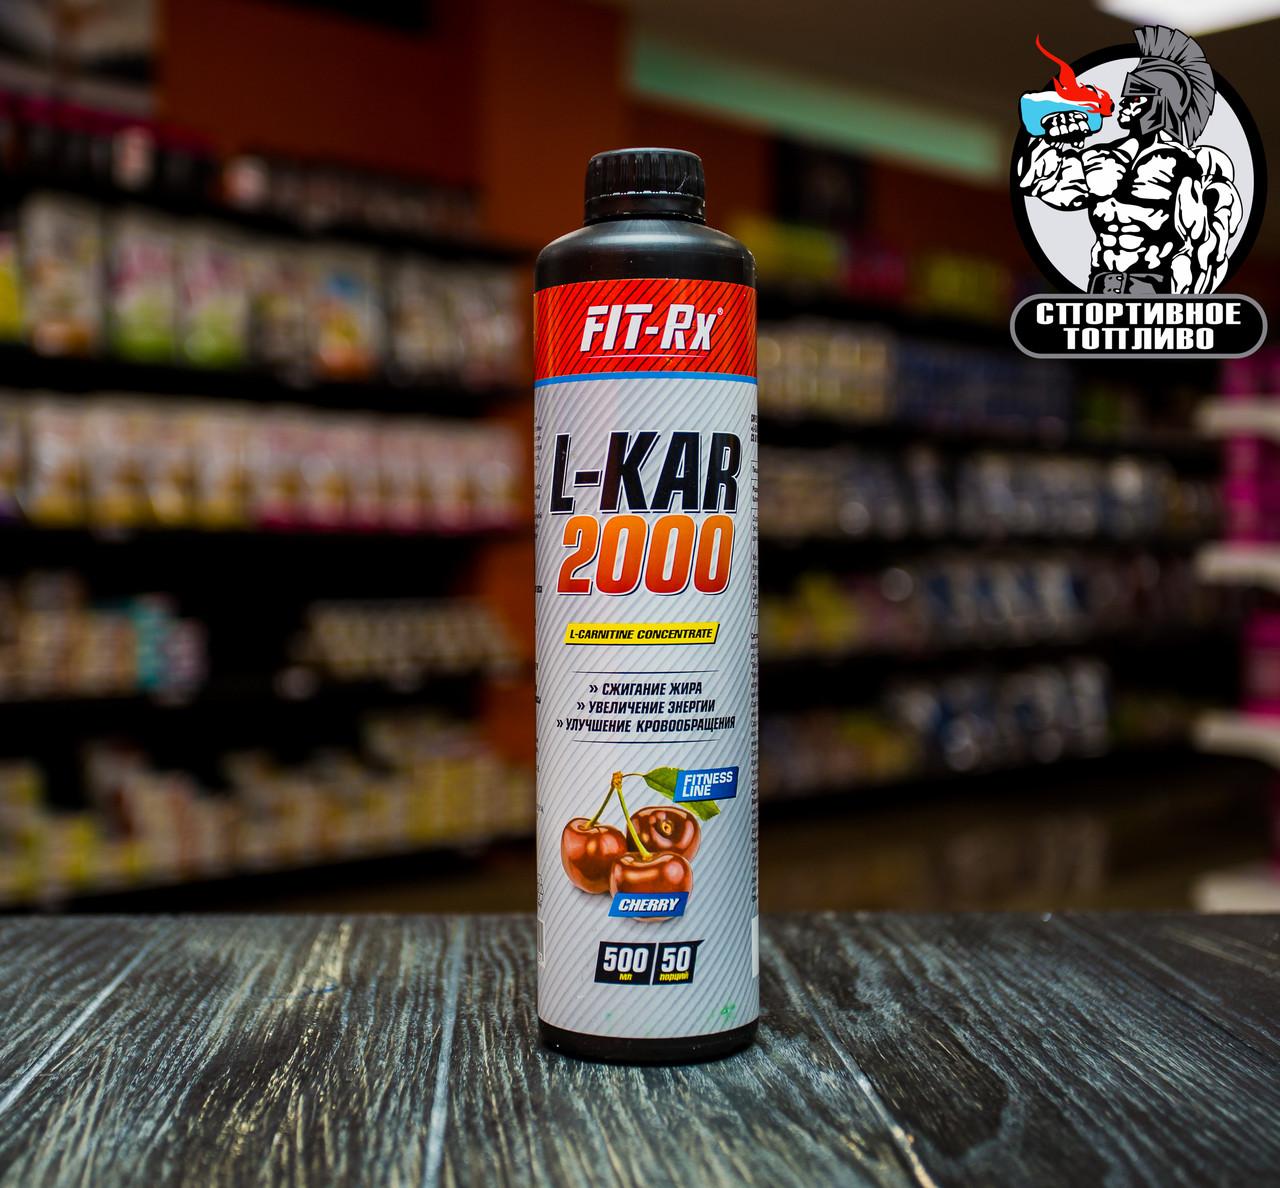 Fit-Rx L-Kar 2000